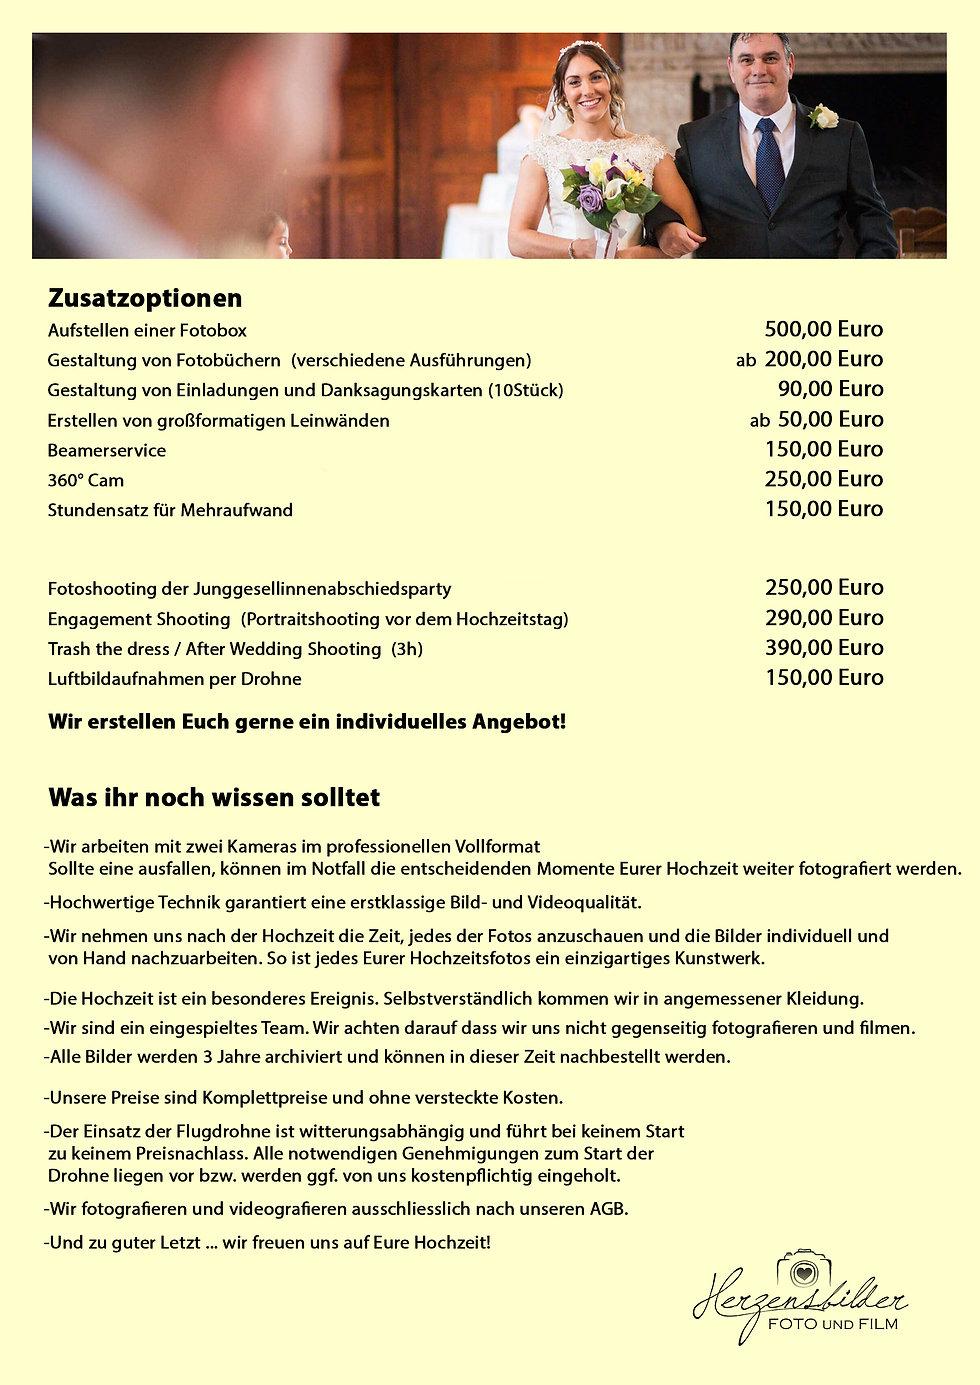 Vorlage_Flyer_Einleger_2019_Rückseite_ne